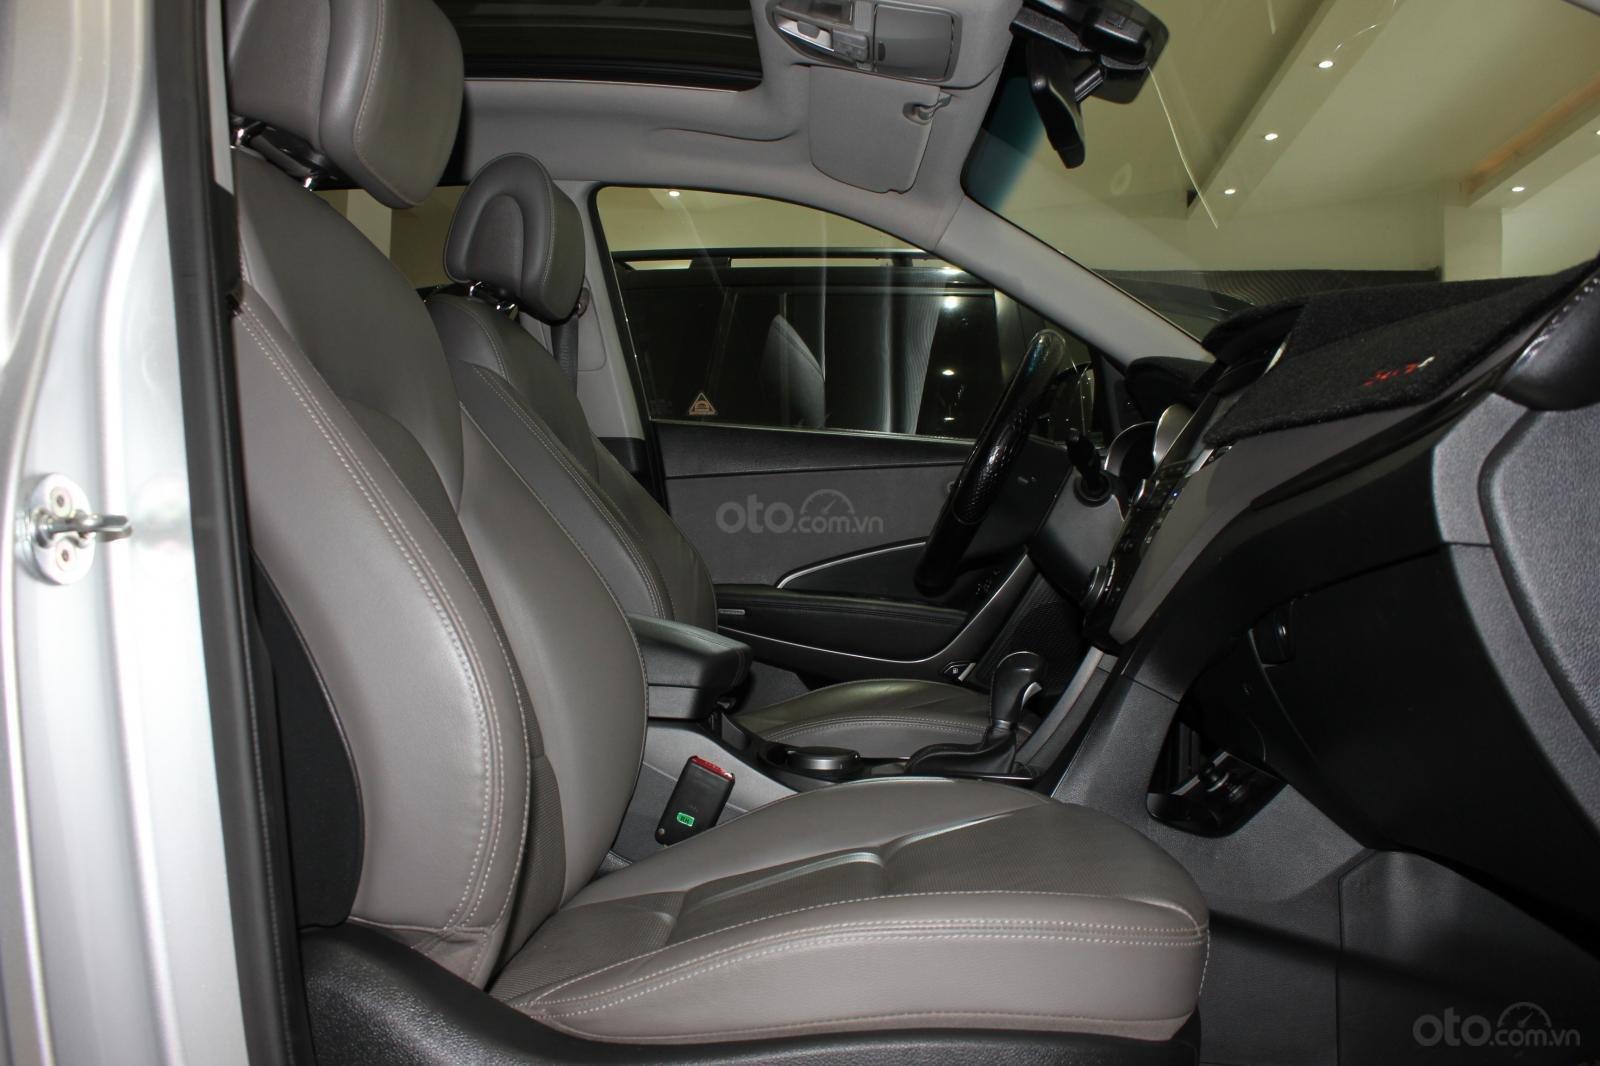 Bán xe Hyundai Santa Fe 2.2 4WD năm sản xuất 2017, màu bạc (17)